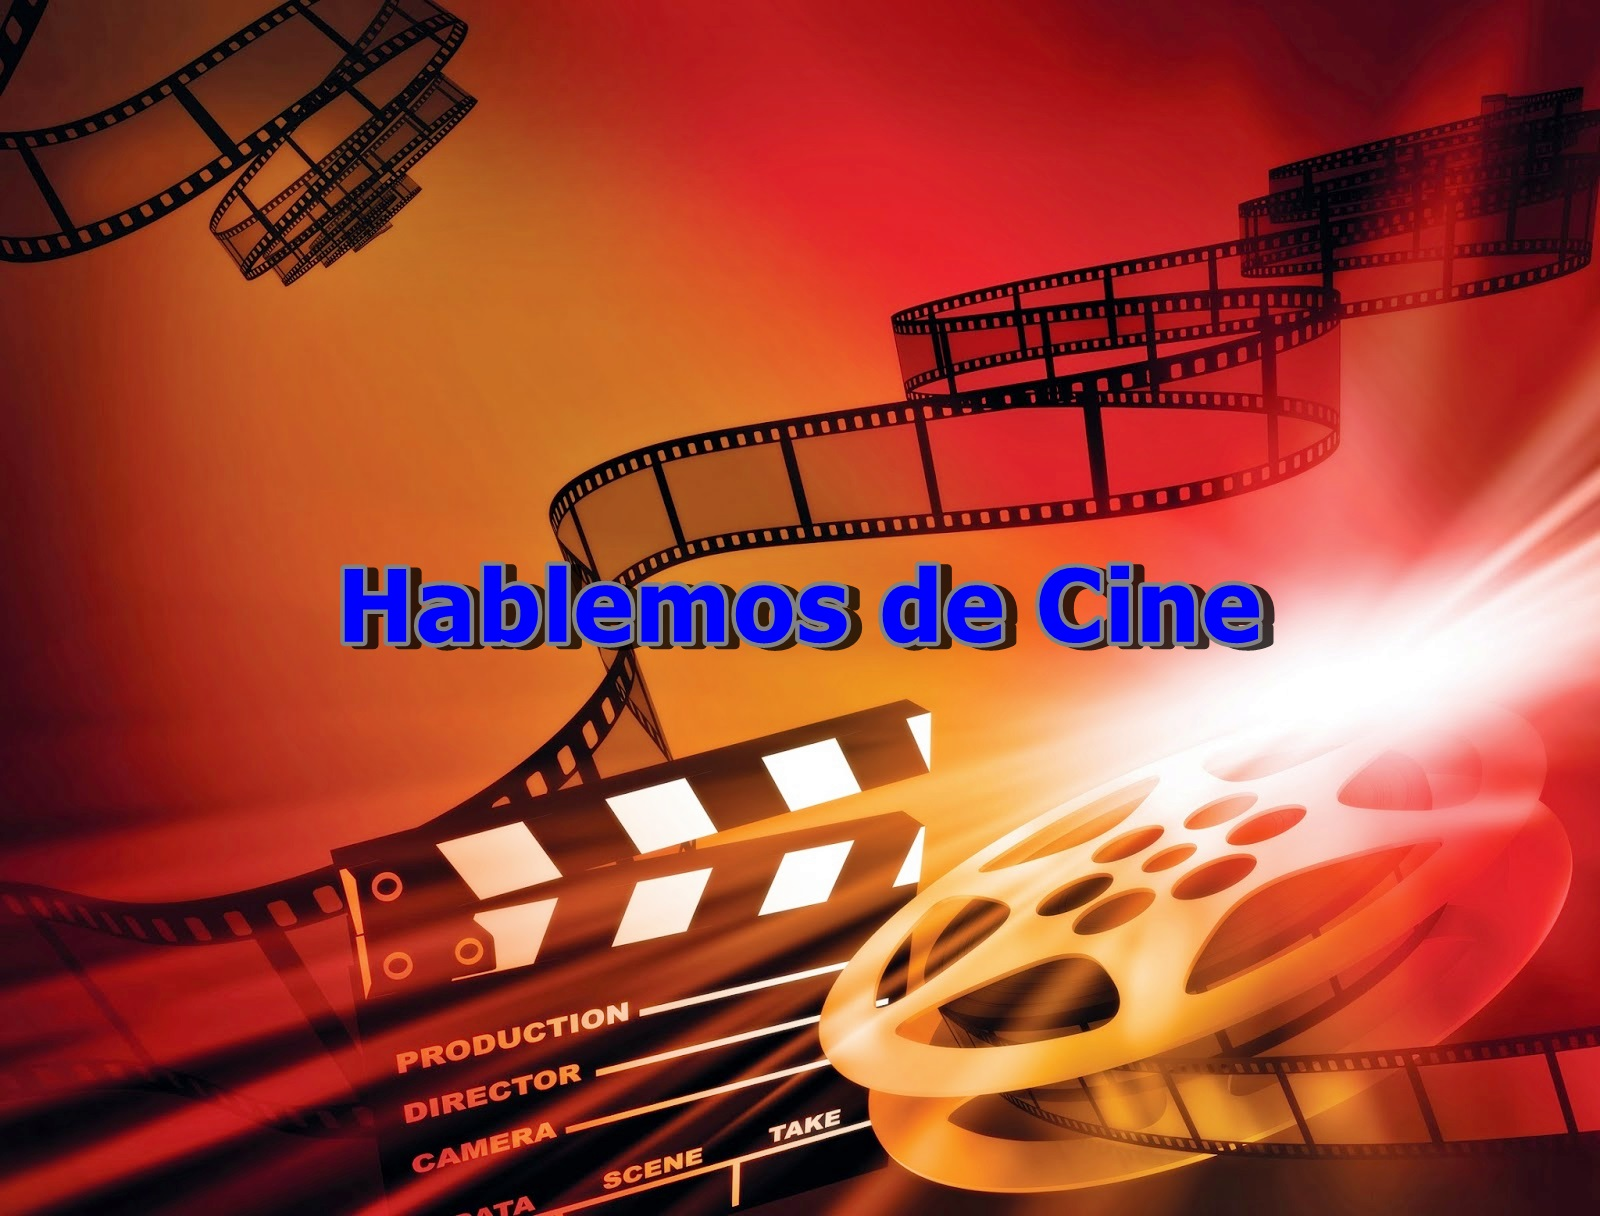 HABLEMOS DE CINE